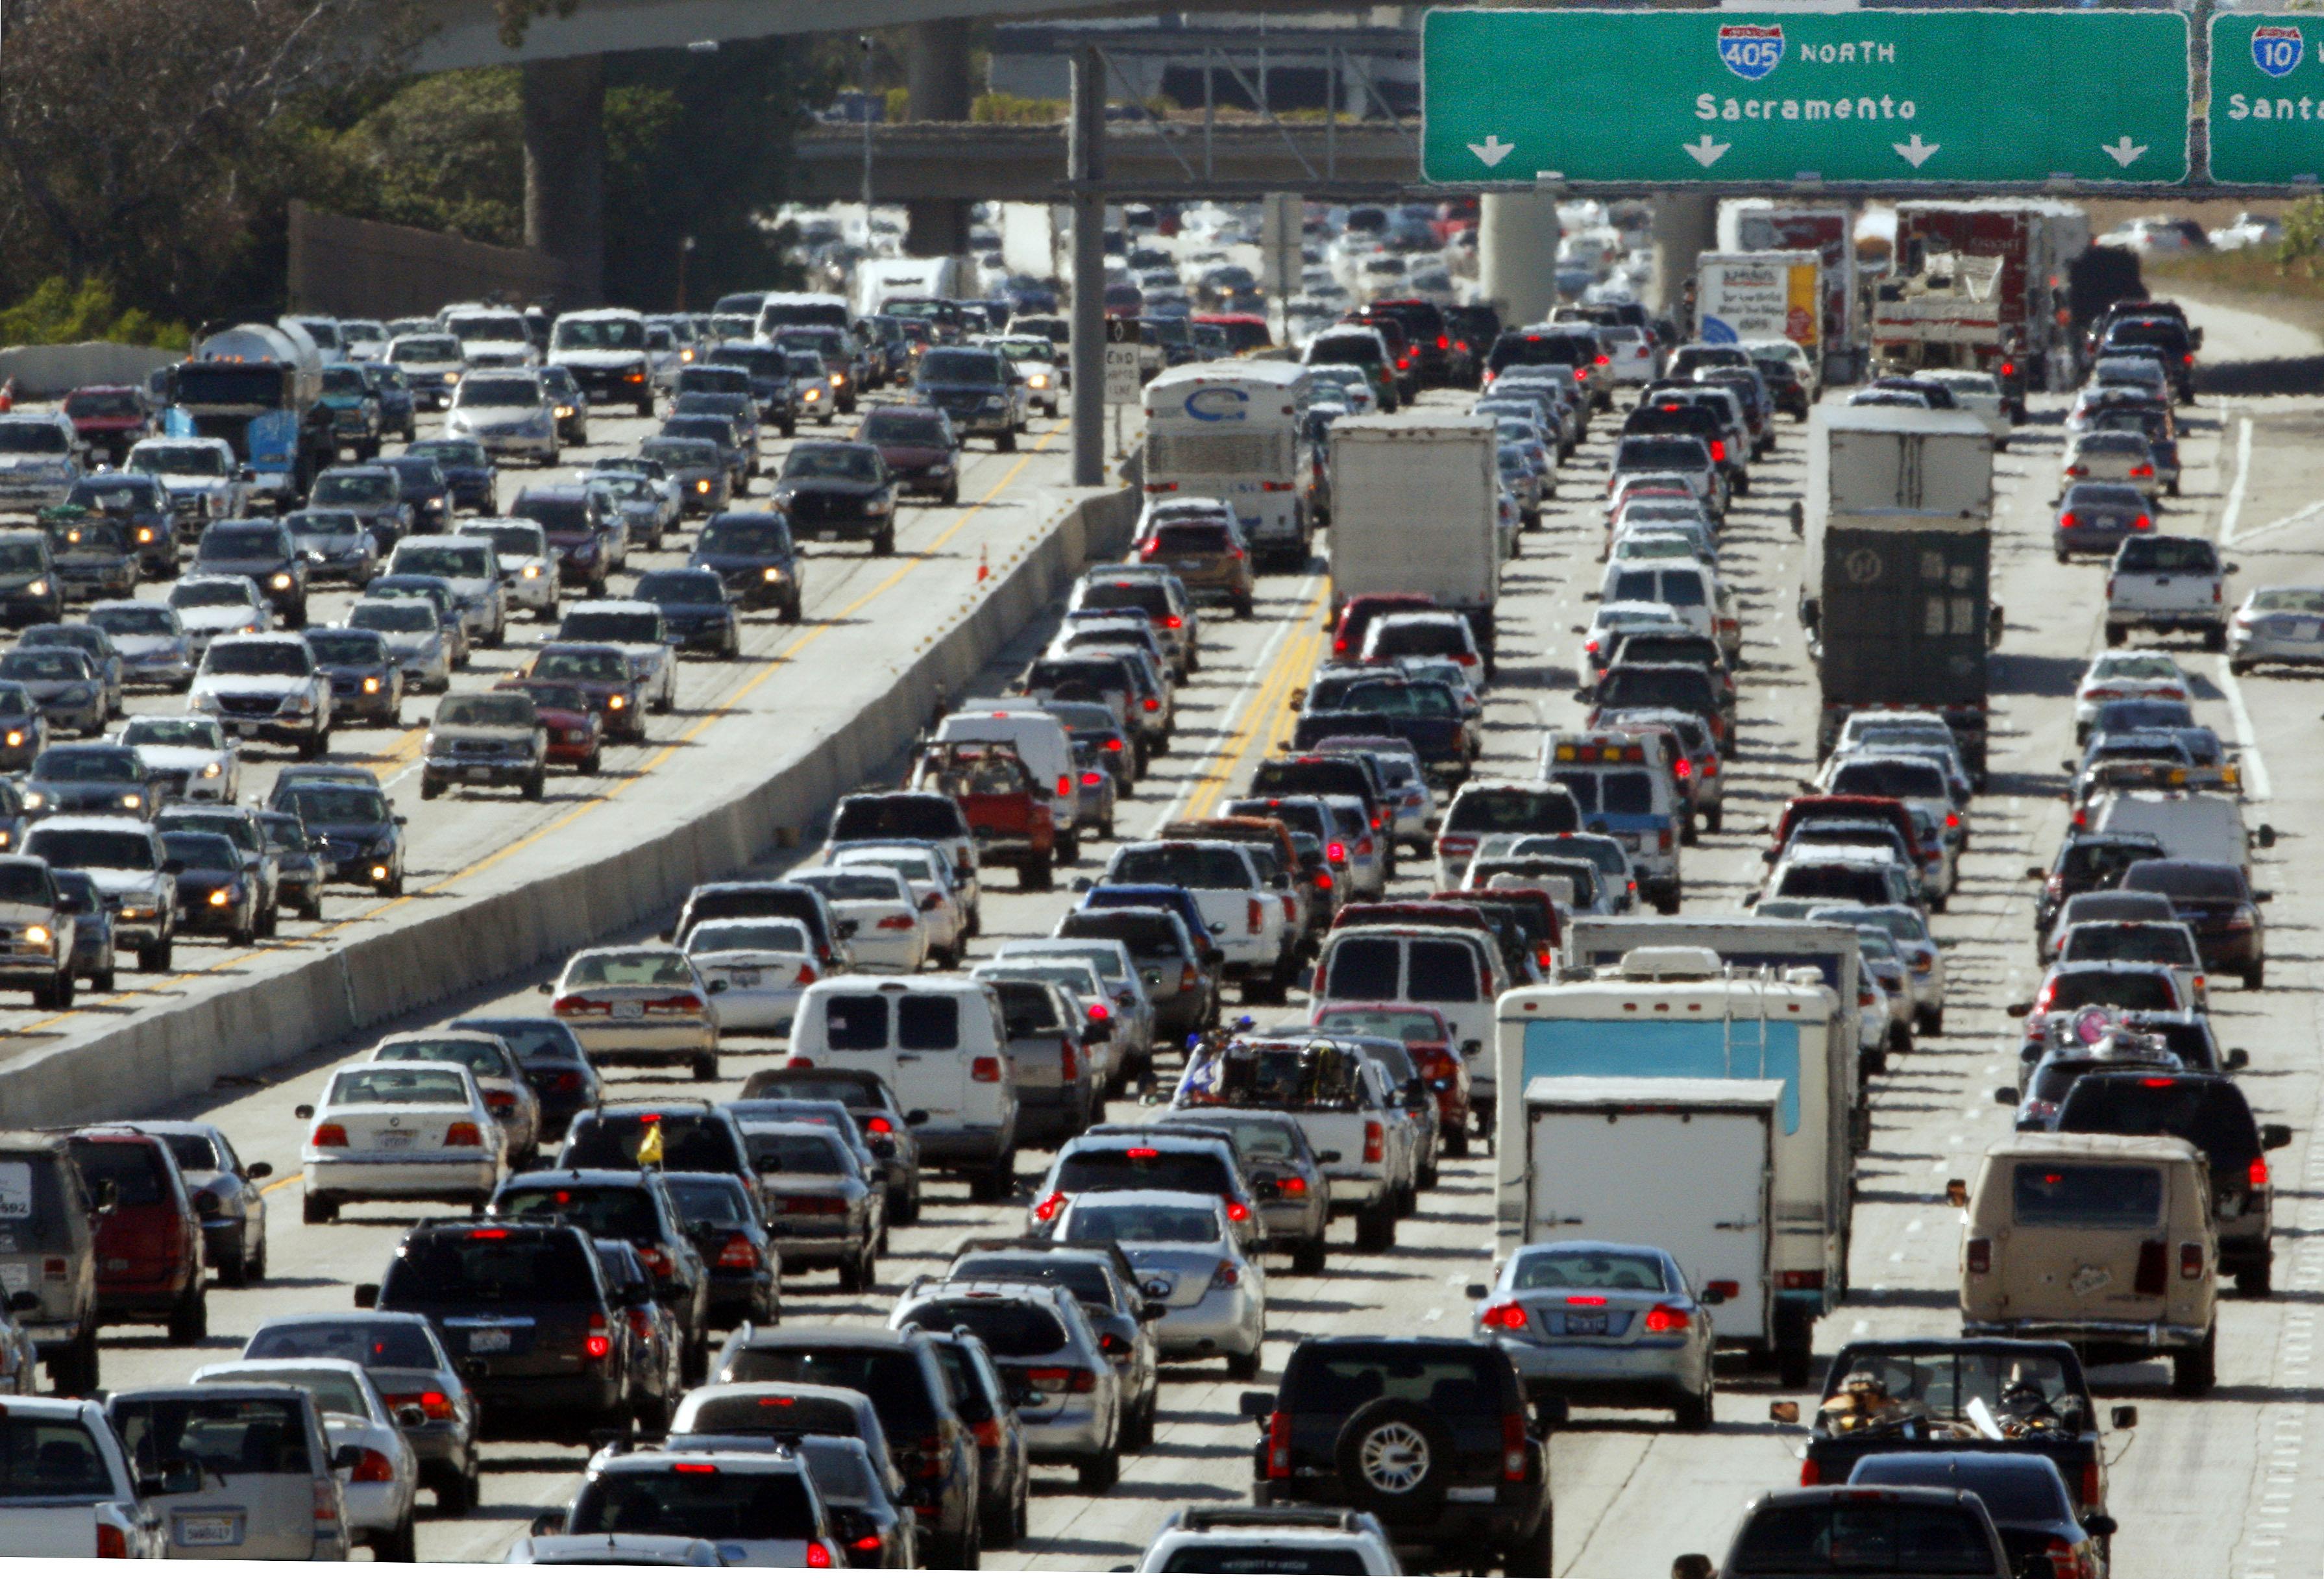 Embouteillage sur une autoroute américaine (© AP Images)